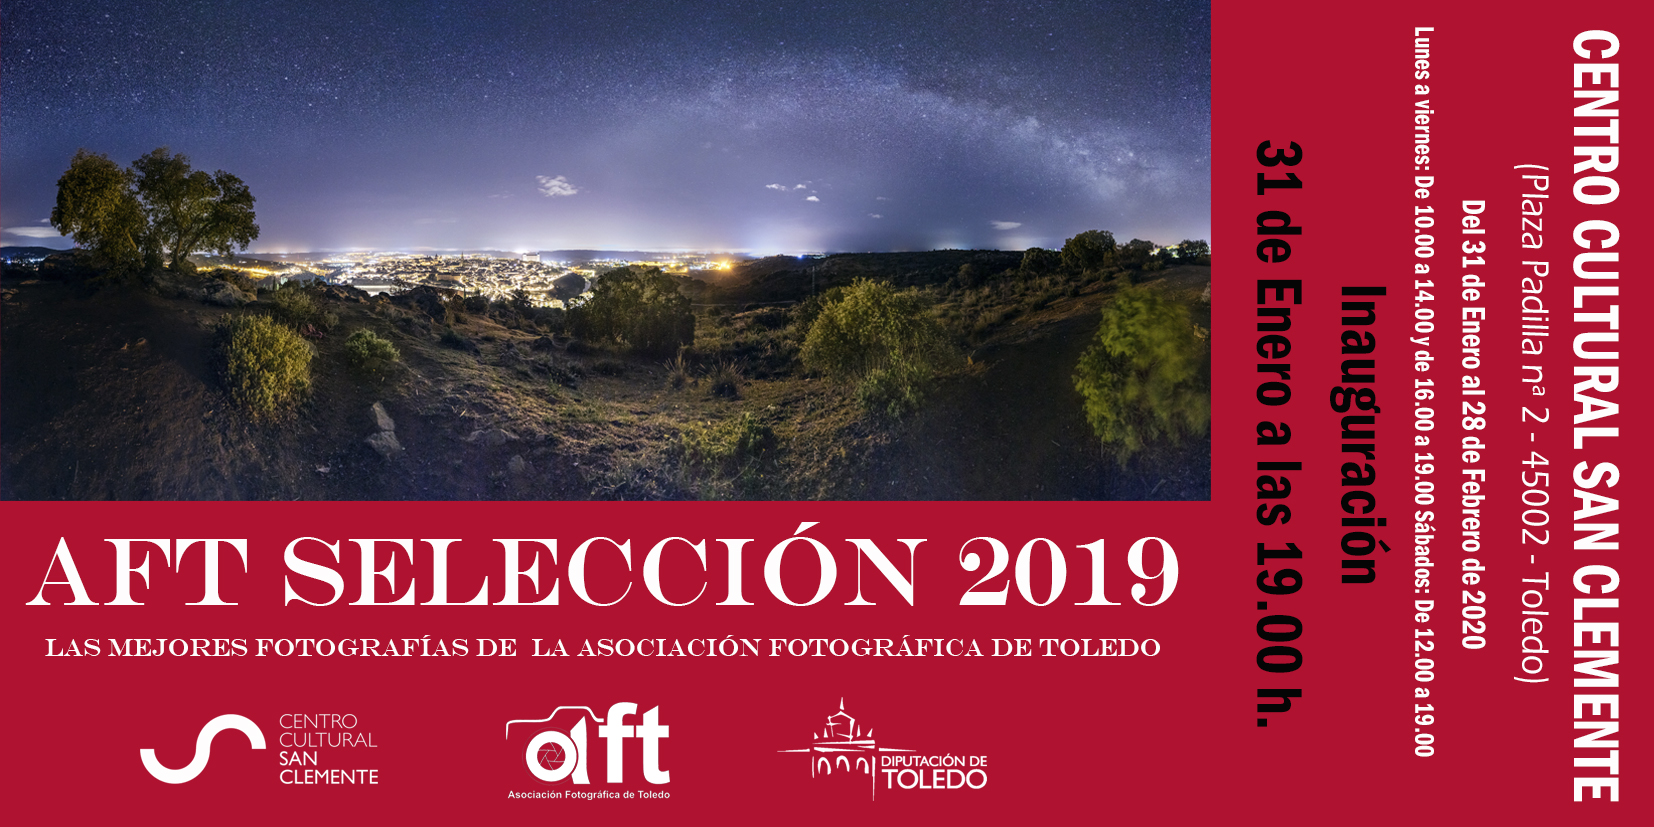 EXPO SELECCIÓN 2019 EN EL CC. SAN CLEMENTE. TOLEDO.